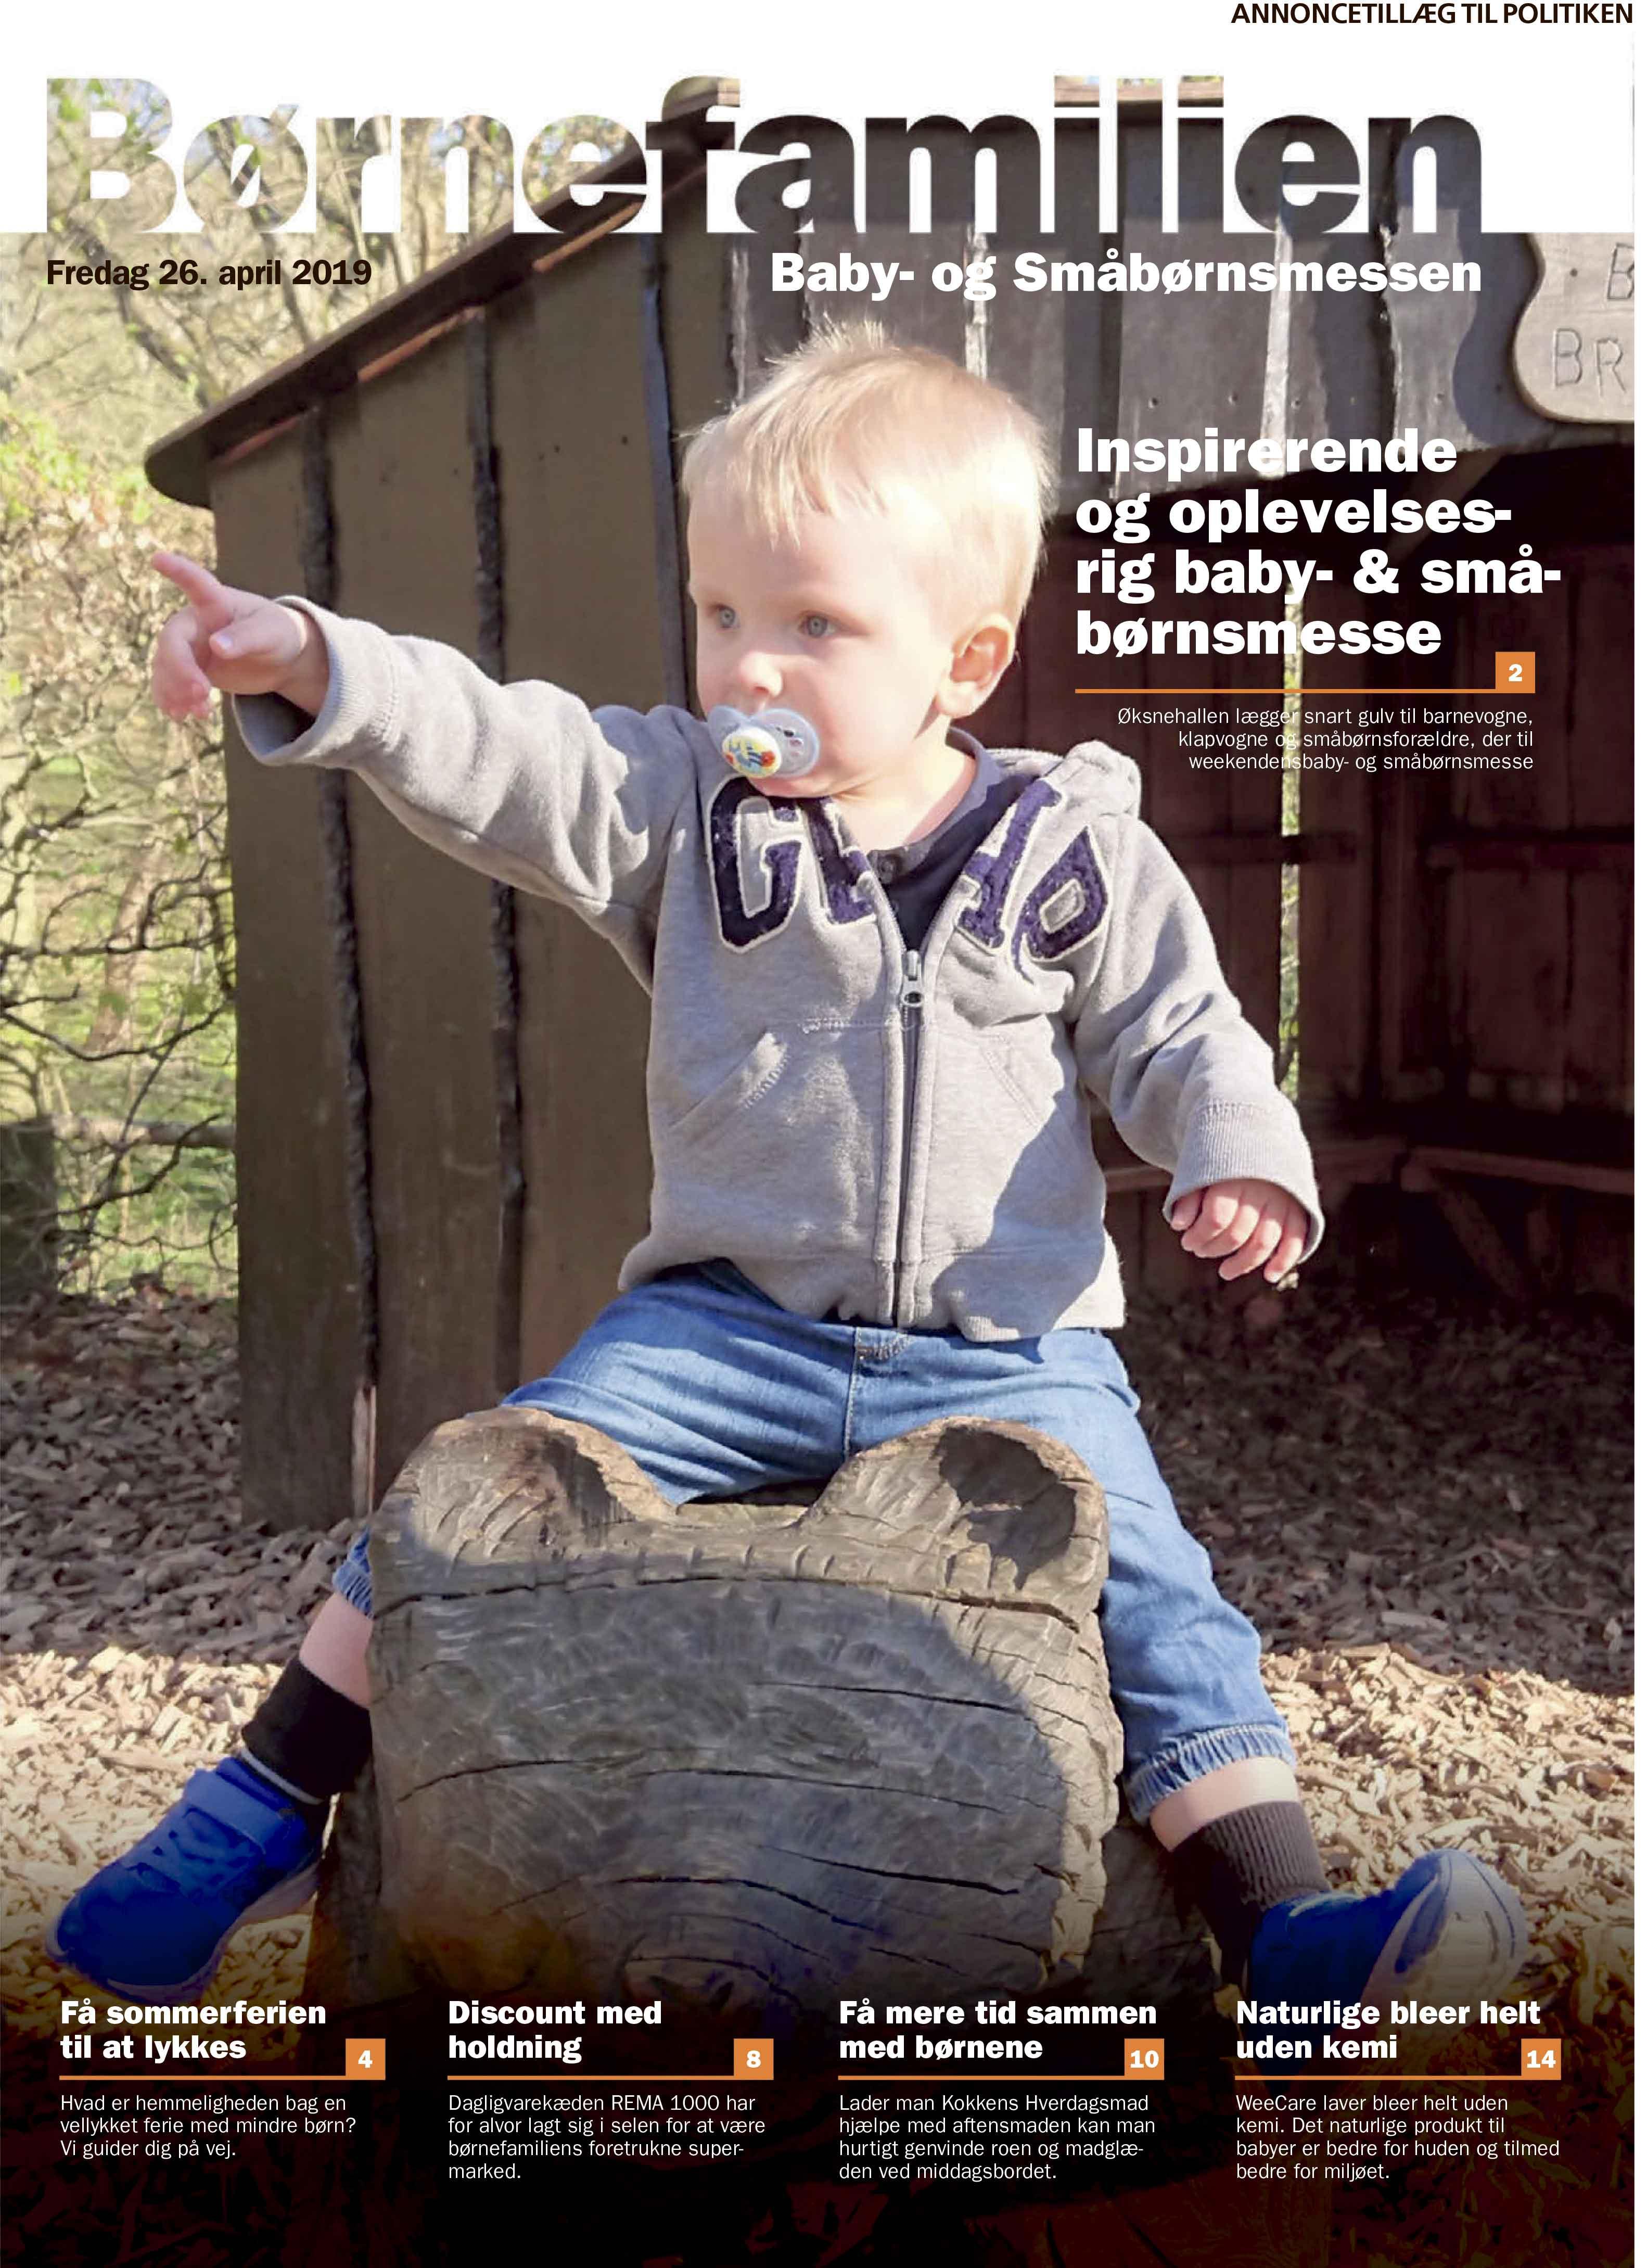 Børnefamilien & Kæledyr 26. april 2019